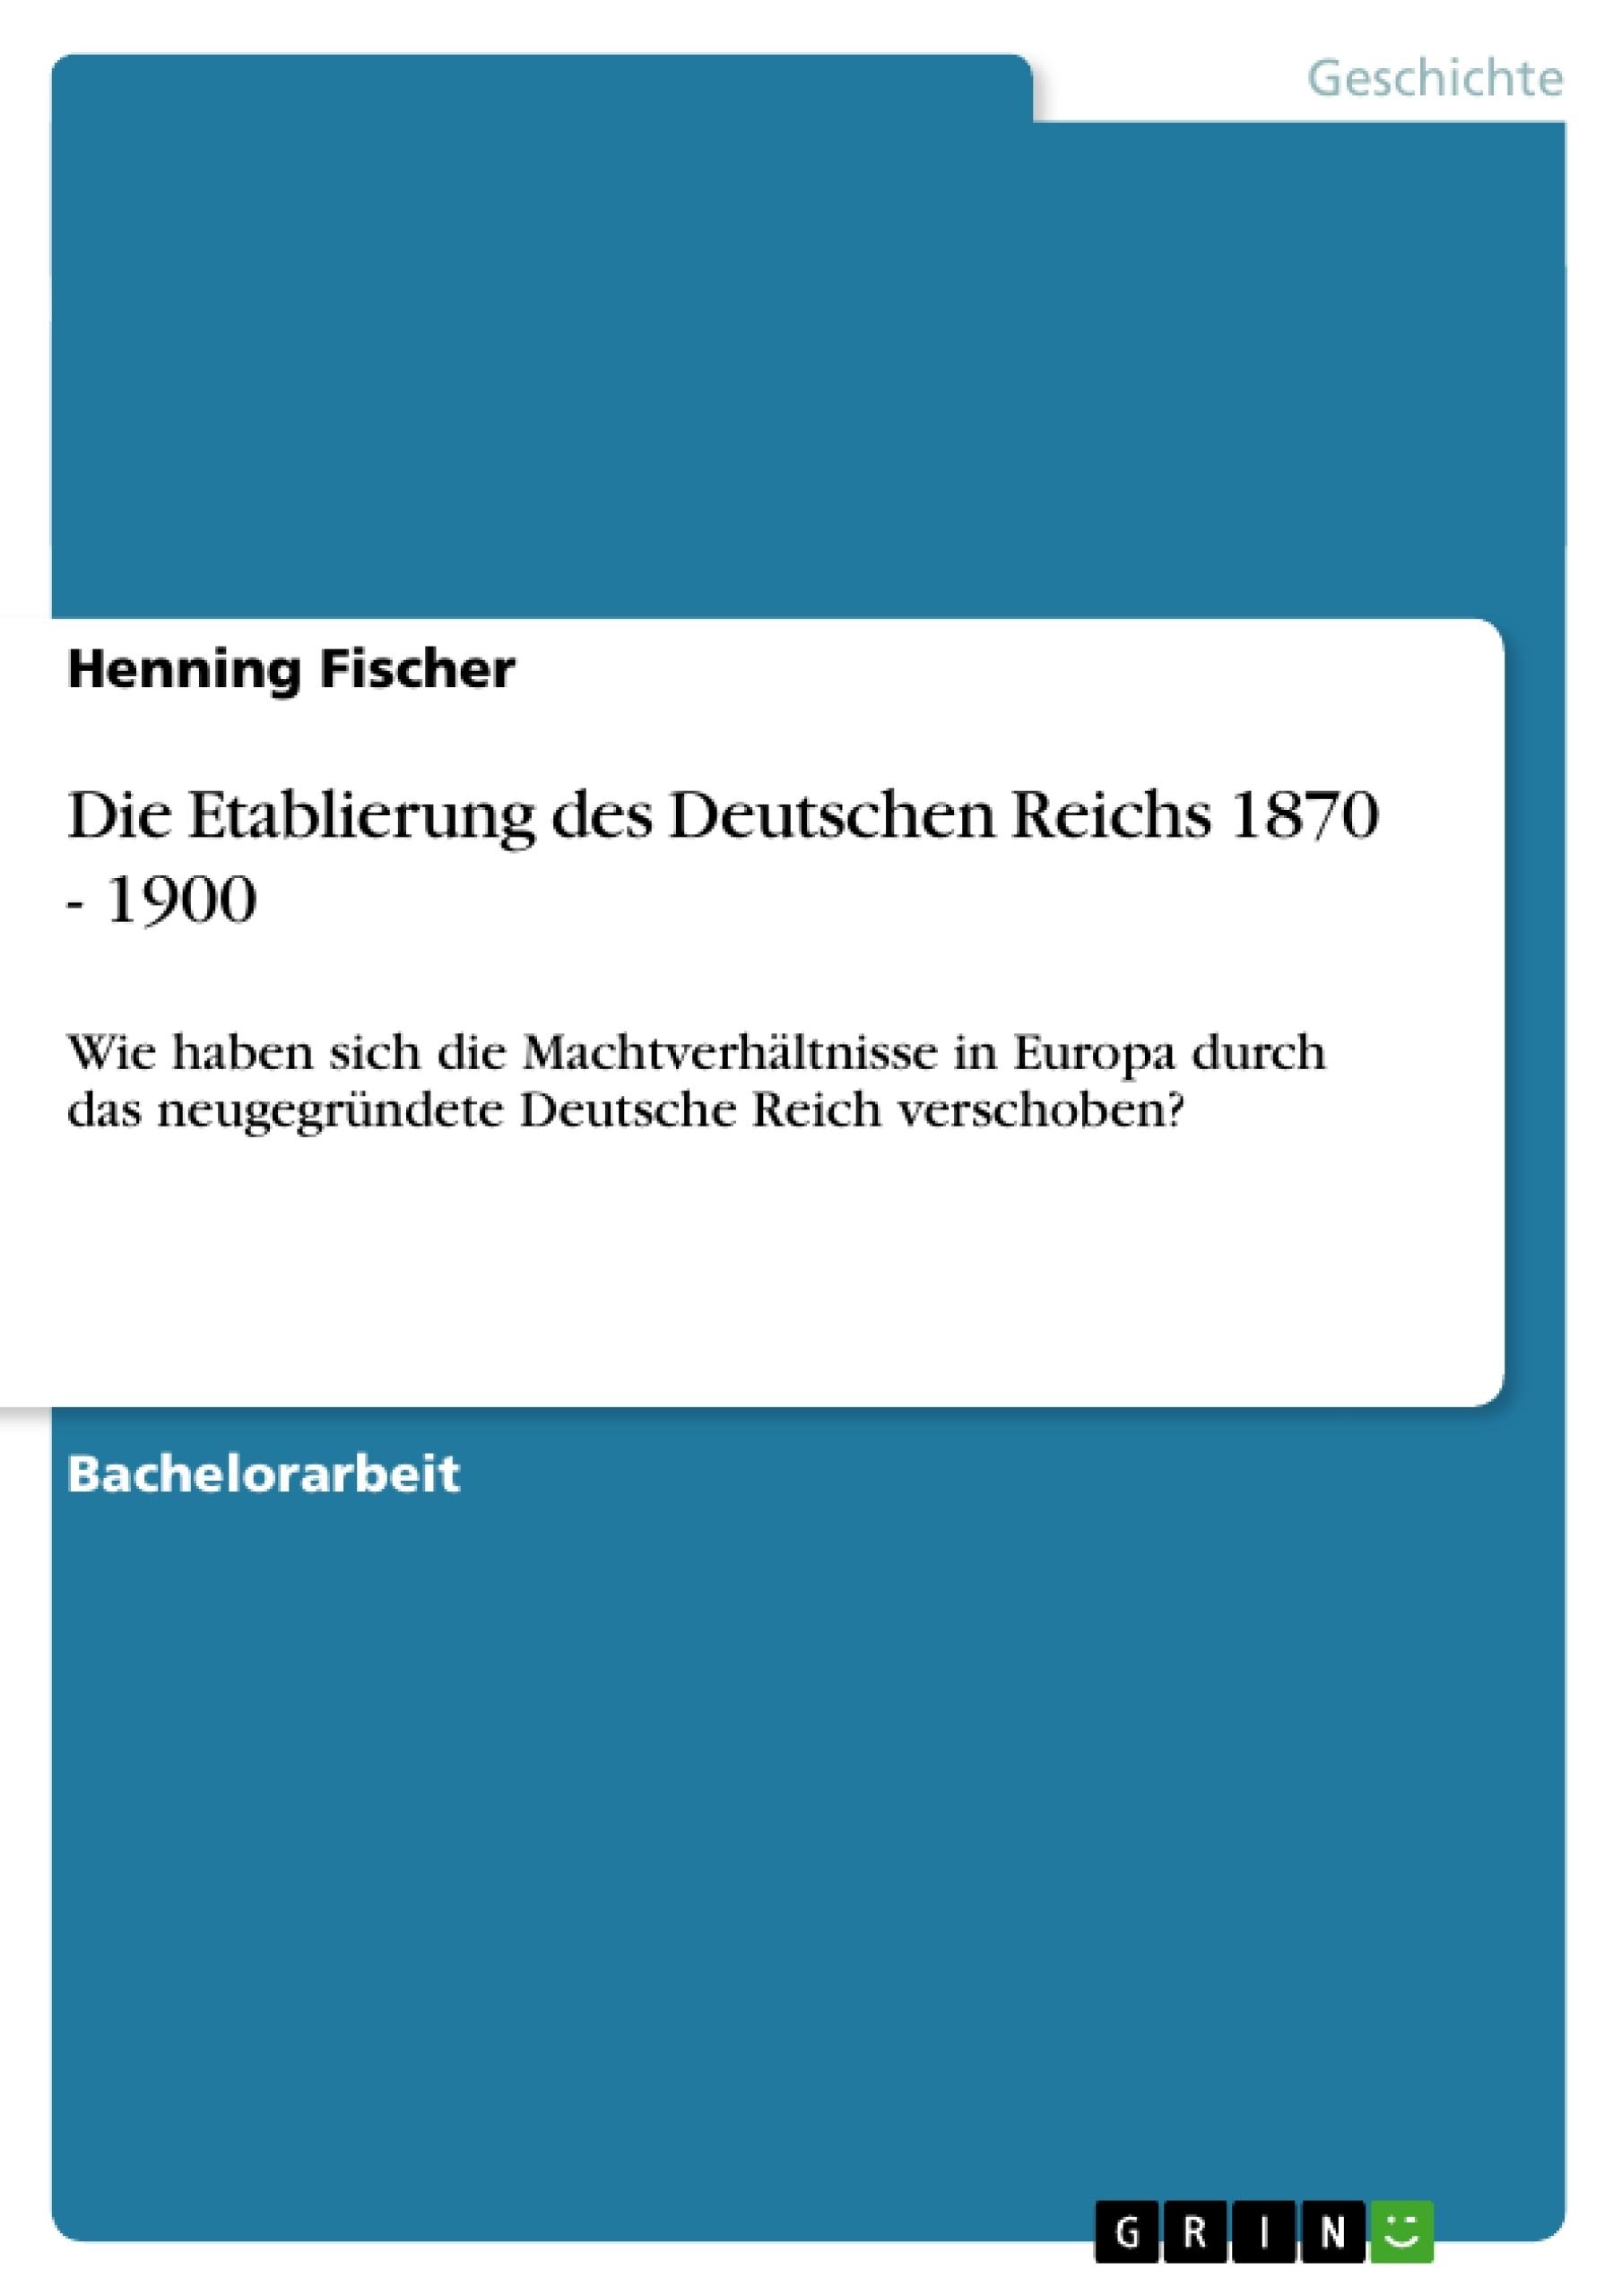 Titel: Die Etablierung des Deutschen Reichs 1870 - 1900